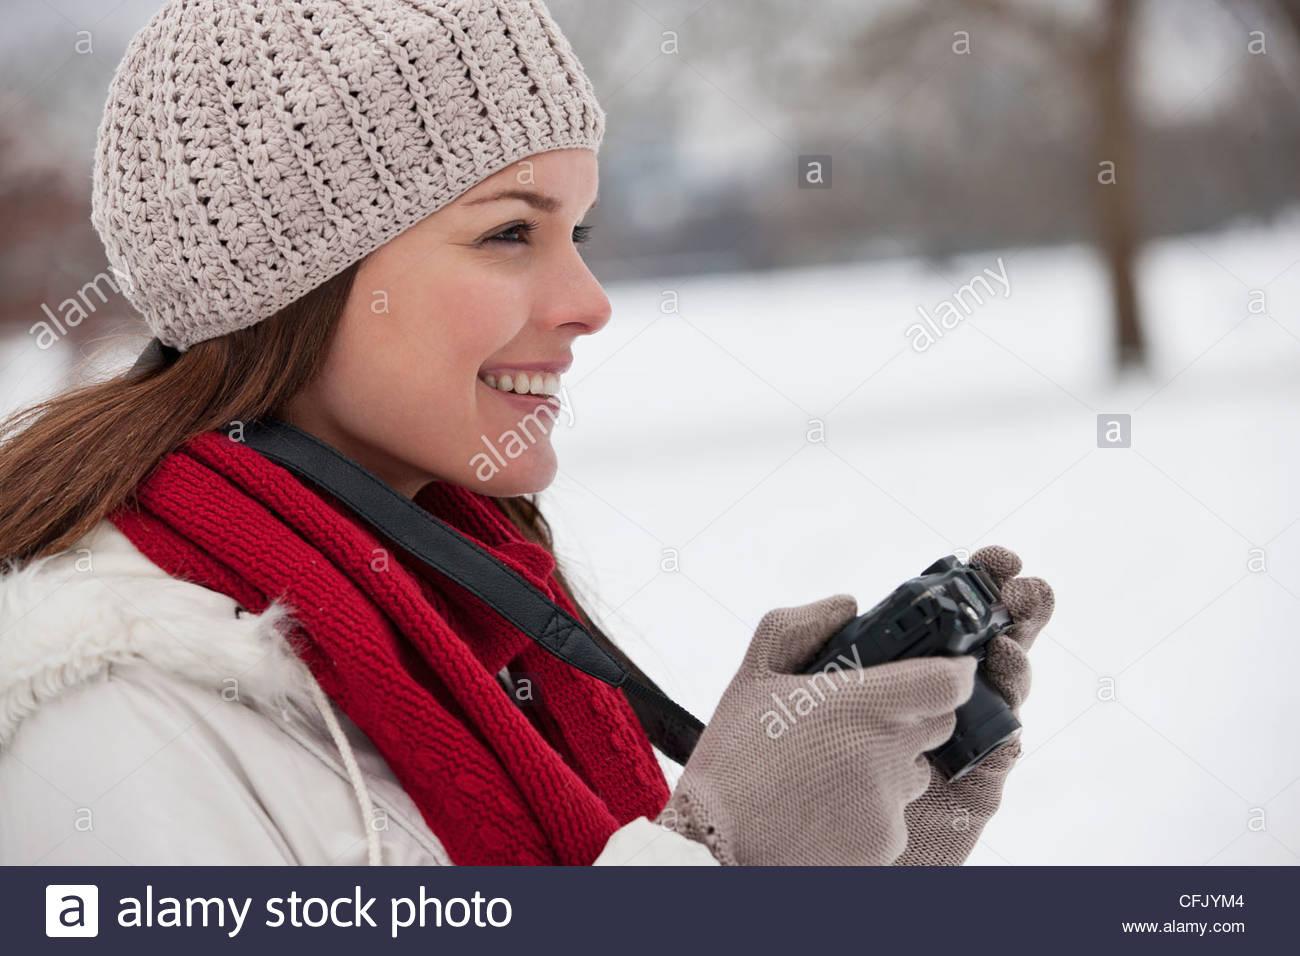 Eine junge Frau im Schnee stehen, eine Kamera zu halten Stockbild